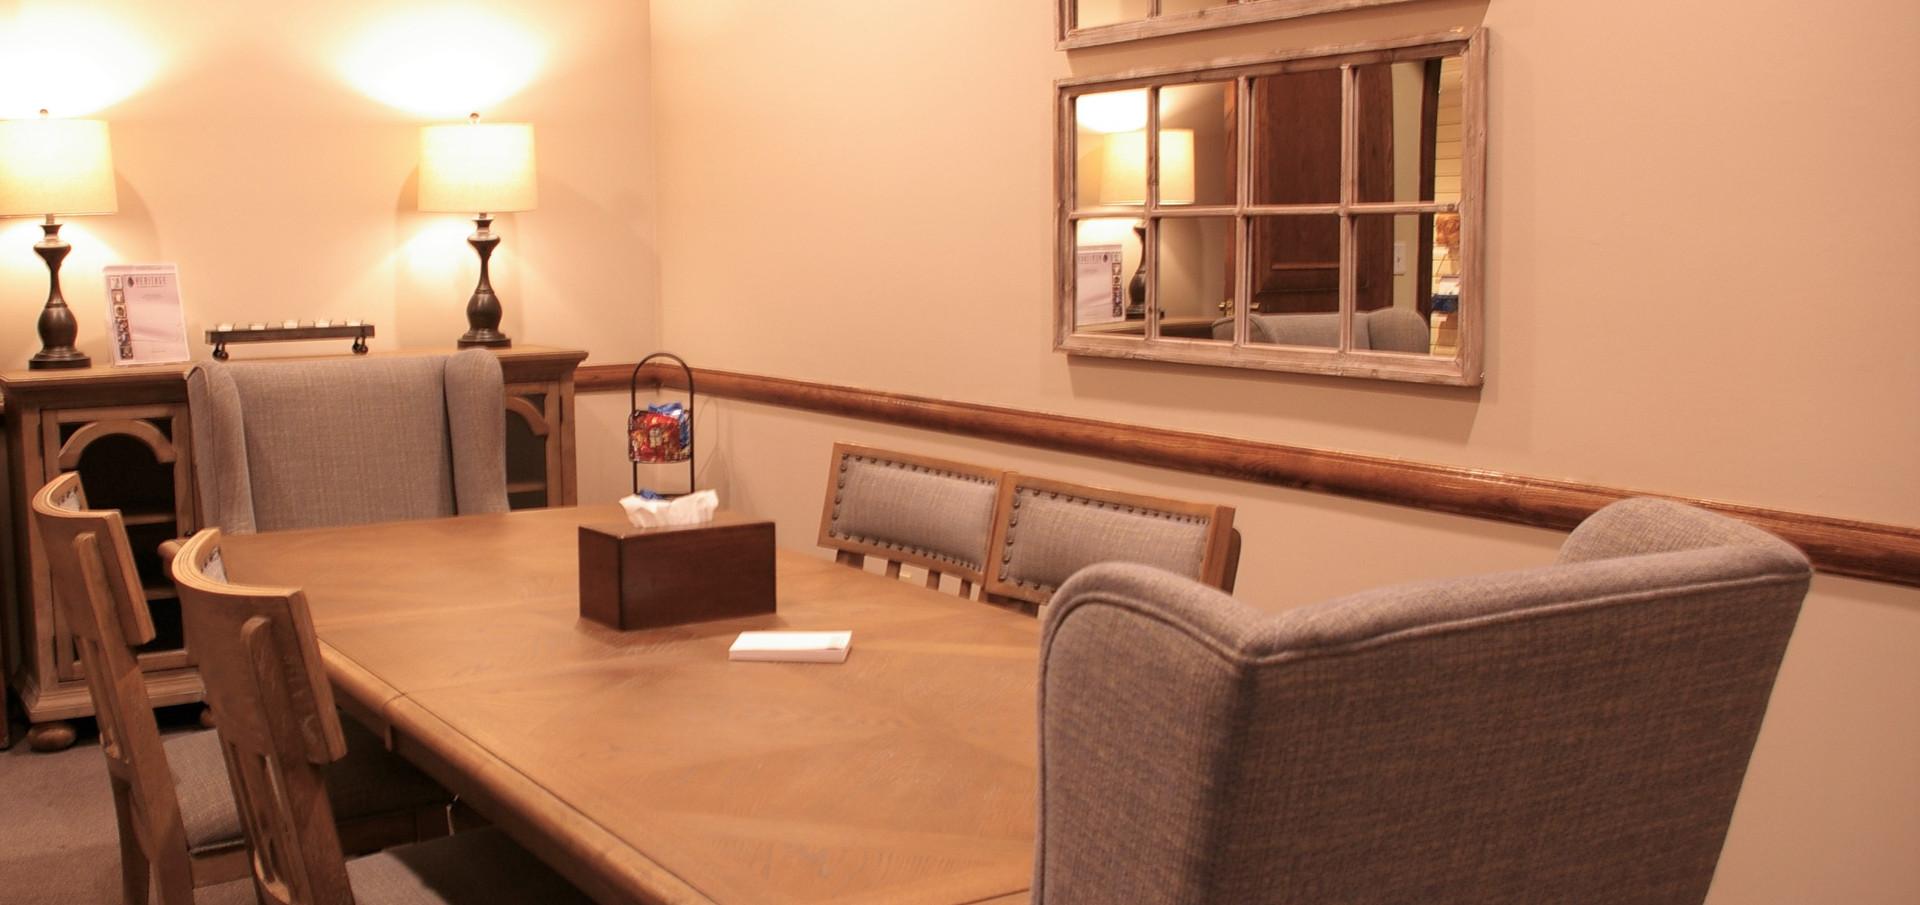 arrangement room 3